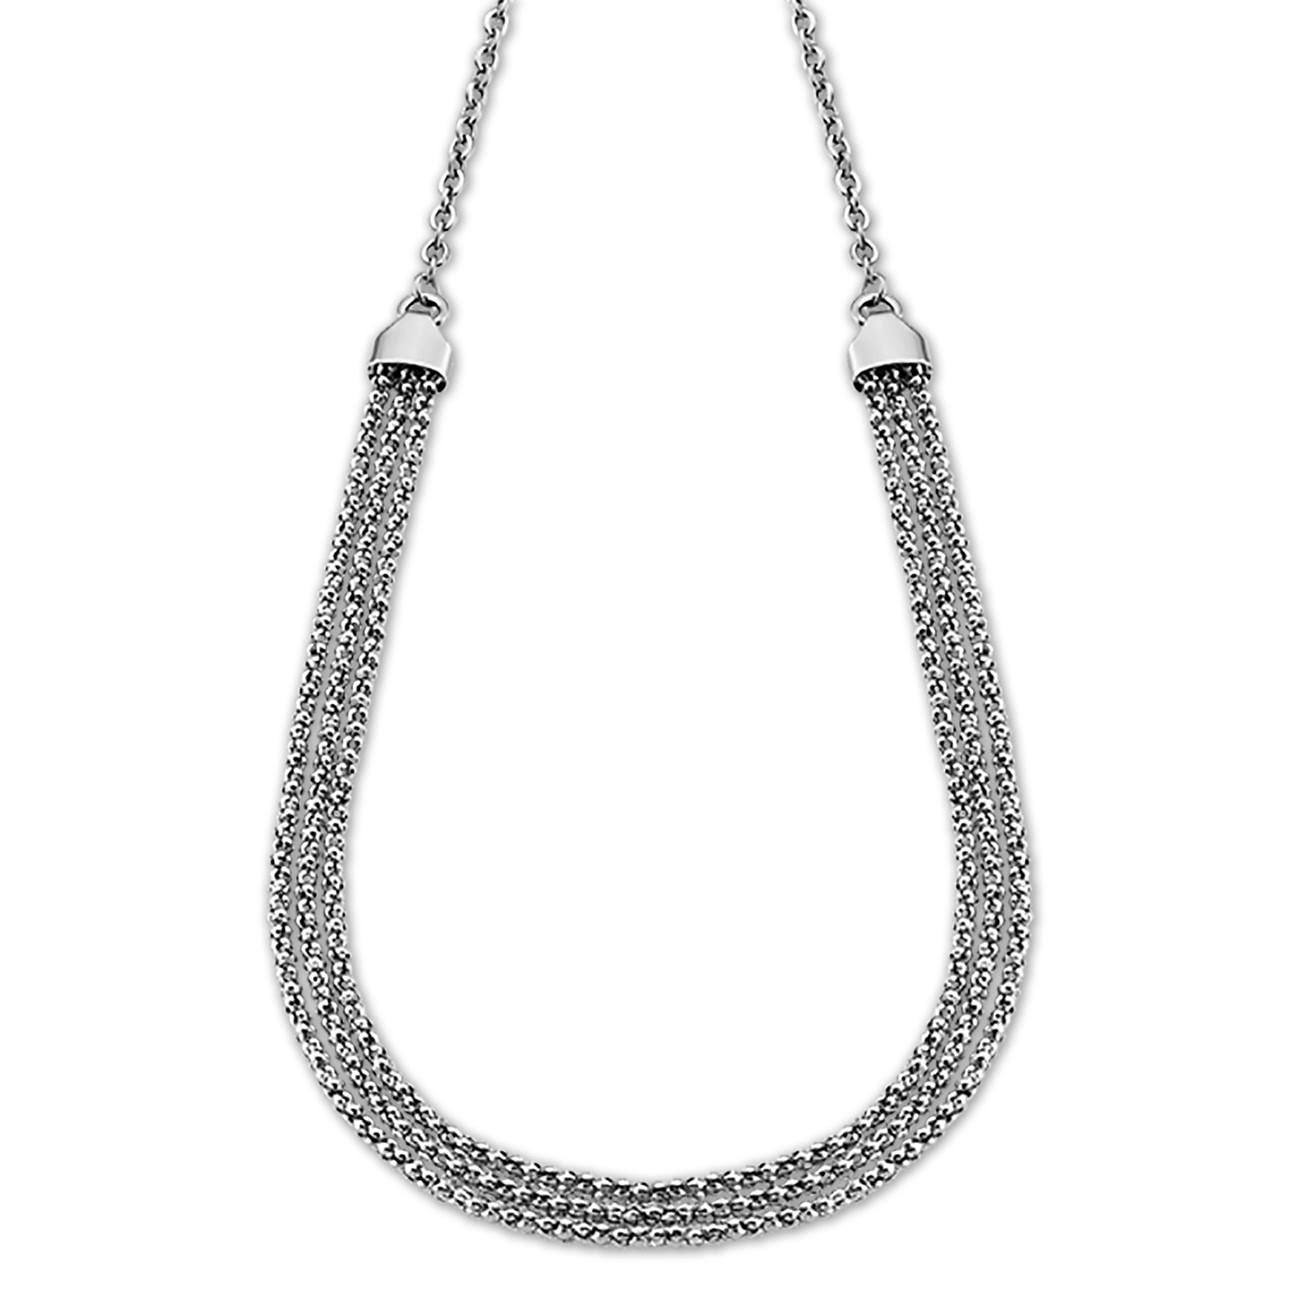 LOTUS Style Halskette Damen Edelstahl LS1815-1/1 Urban Fashion JLS1815-1-1